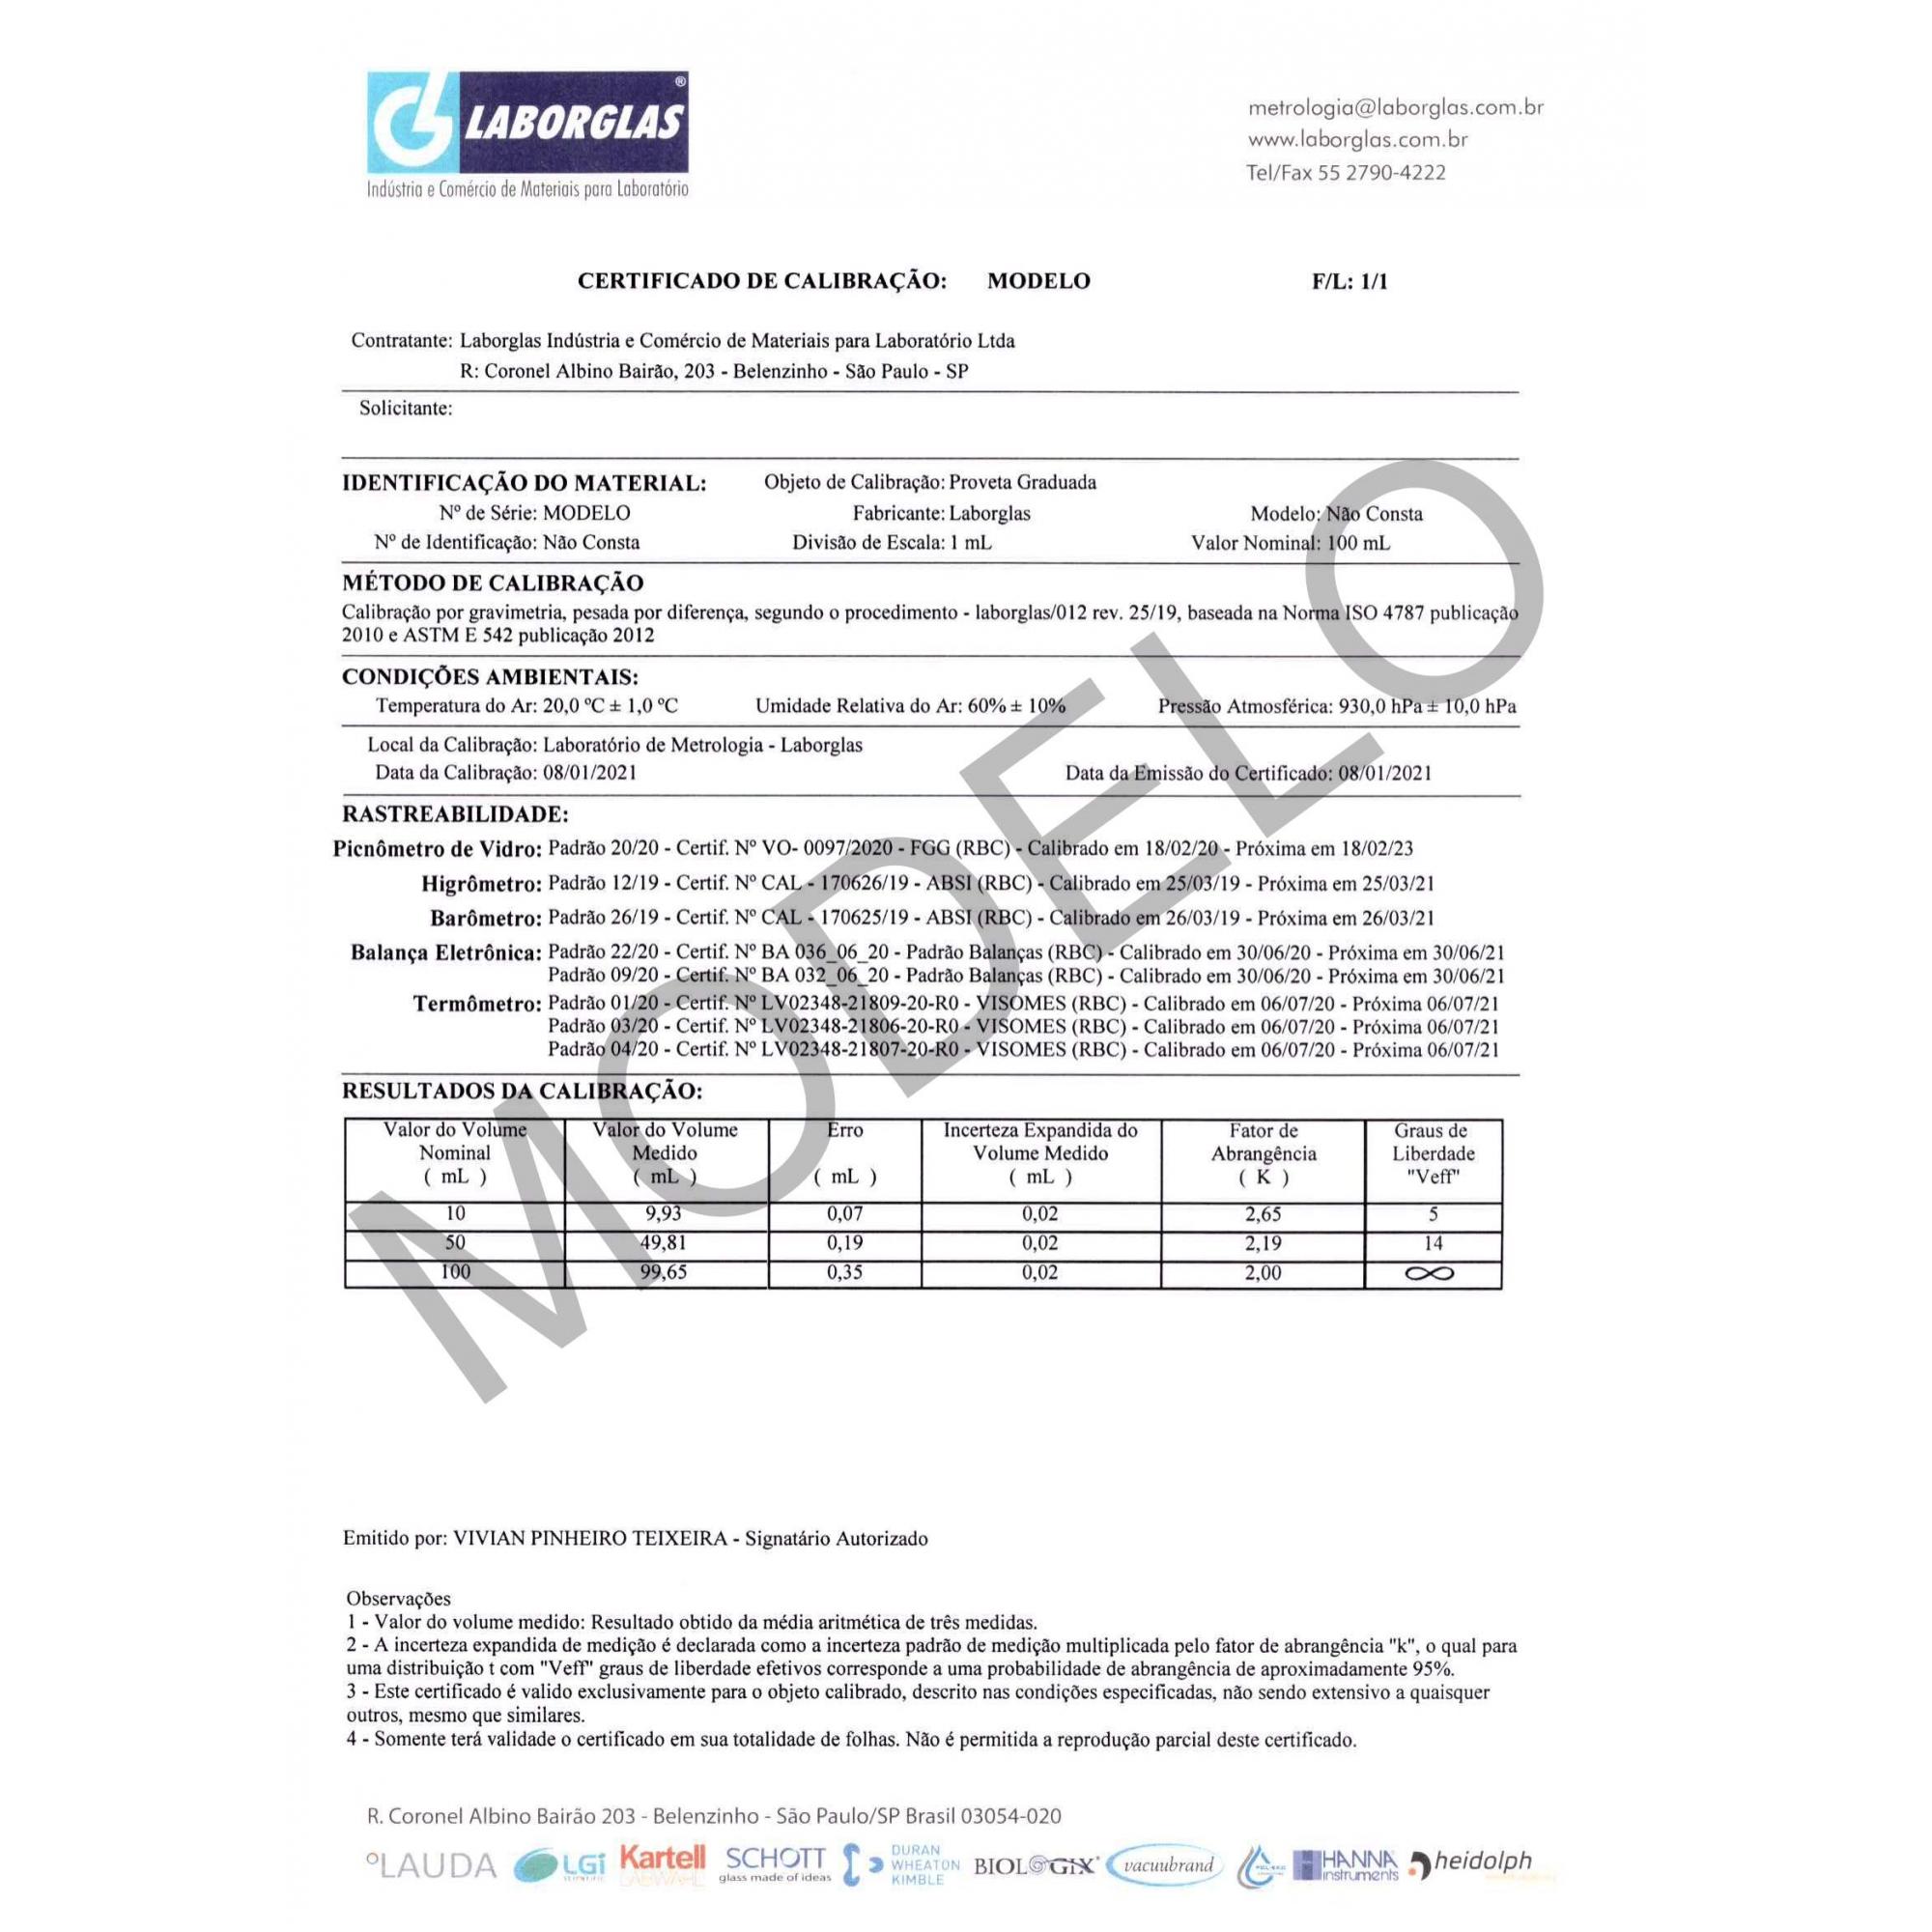 PROVETA GRADUADA BASE HEXAGONAL DE VIDRO 100 ML CERTIFICADO RASTREÁVEL - Laborglas - Cód. 9139624-C